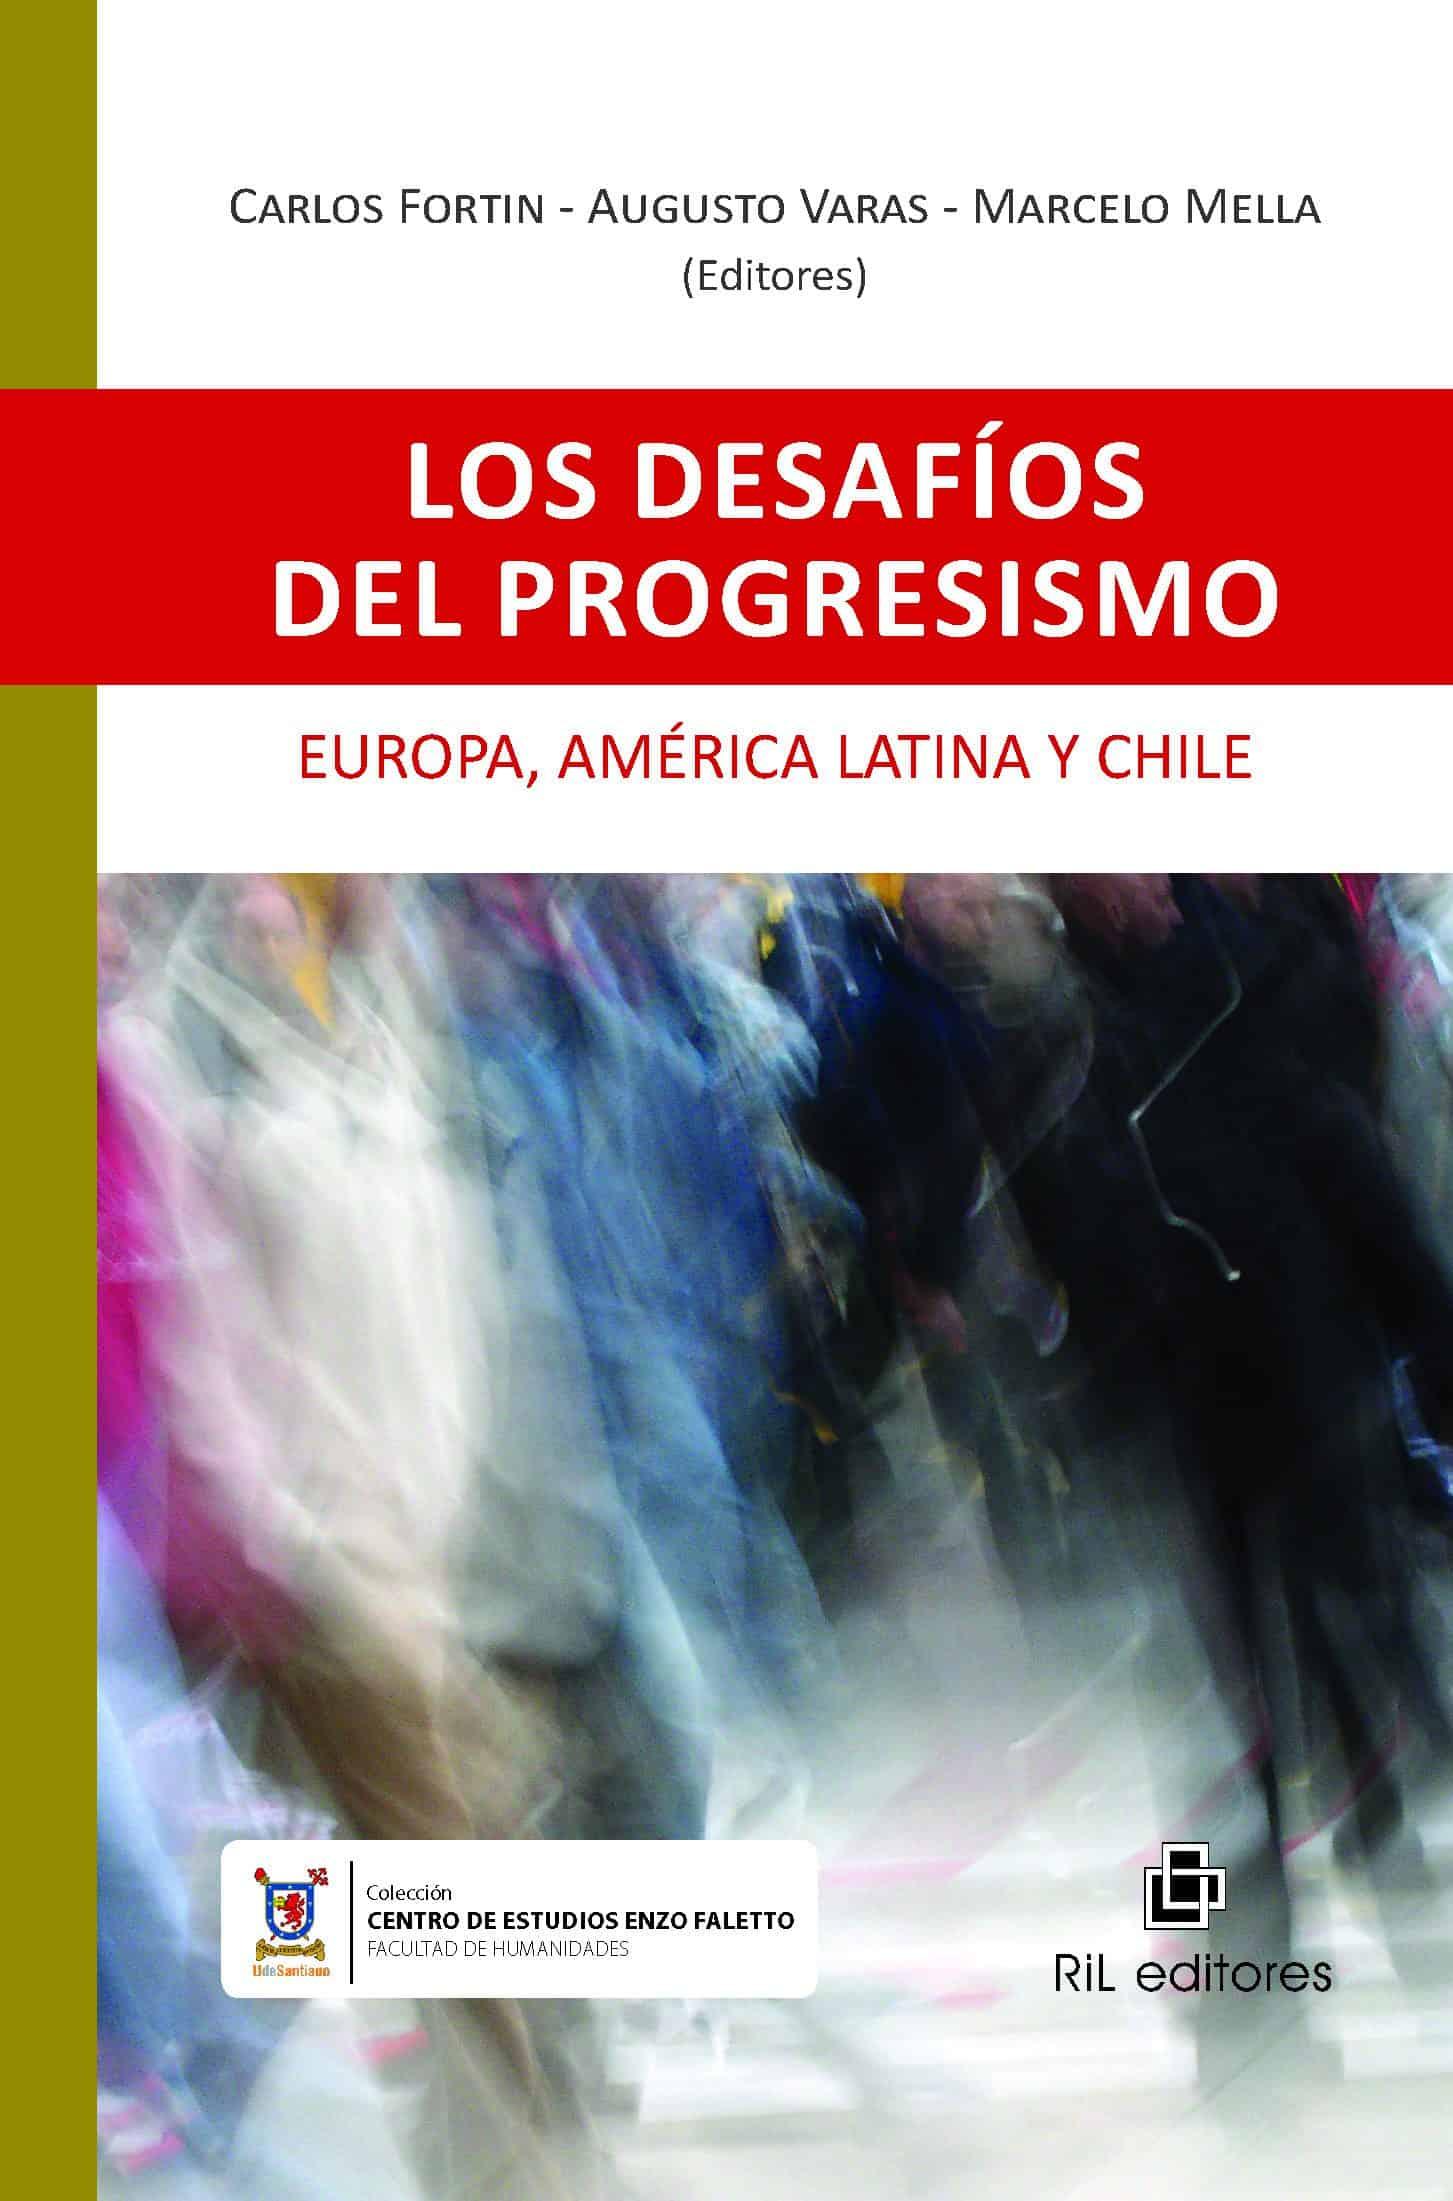 Los desafíos del progresismo: Europa, América Latina y Chile 1